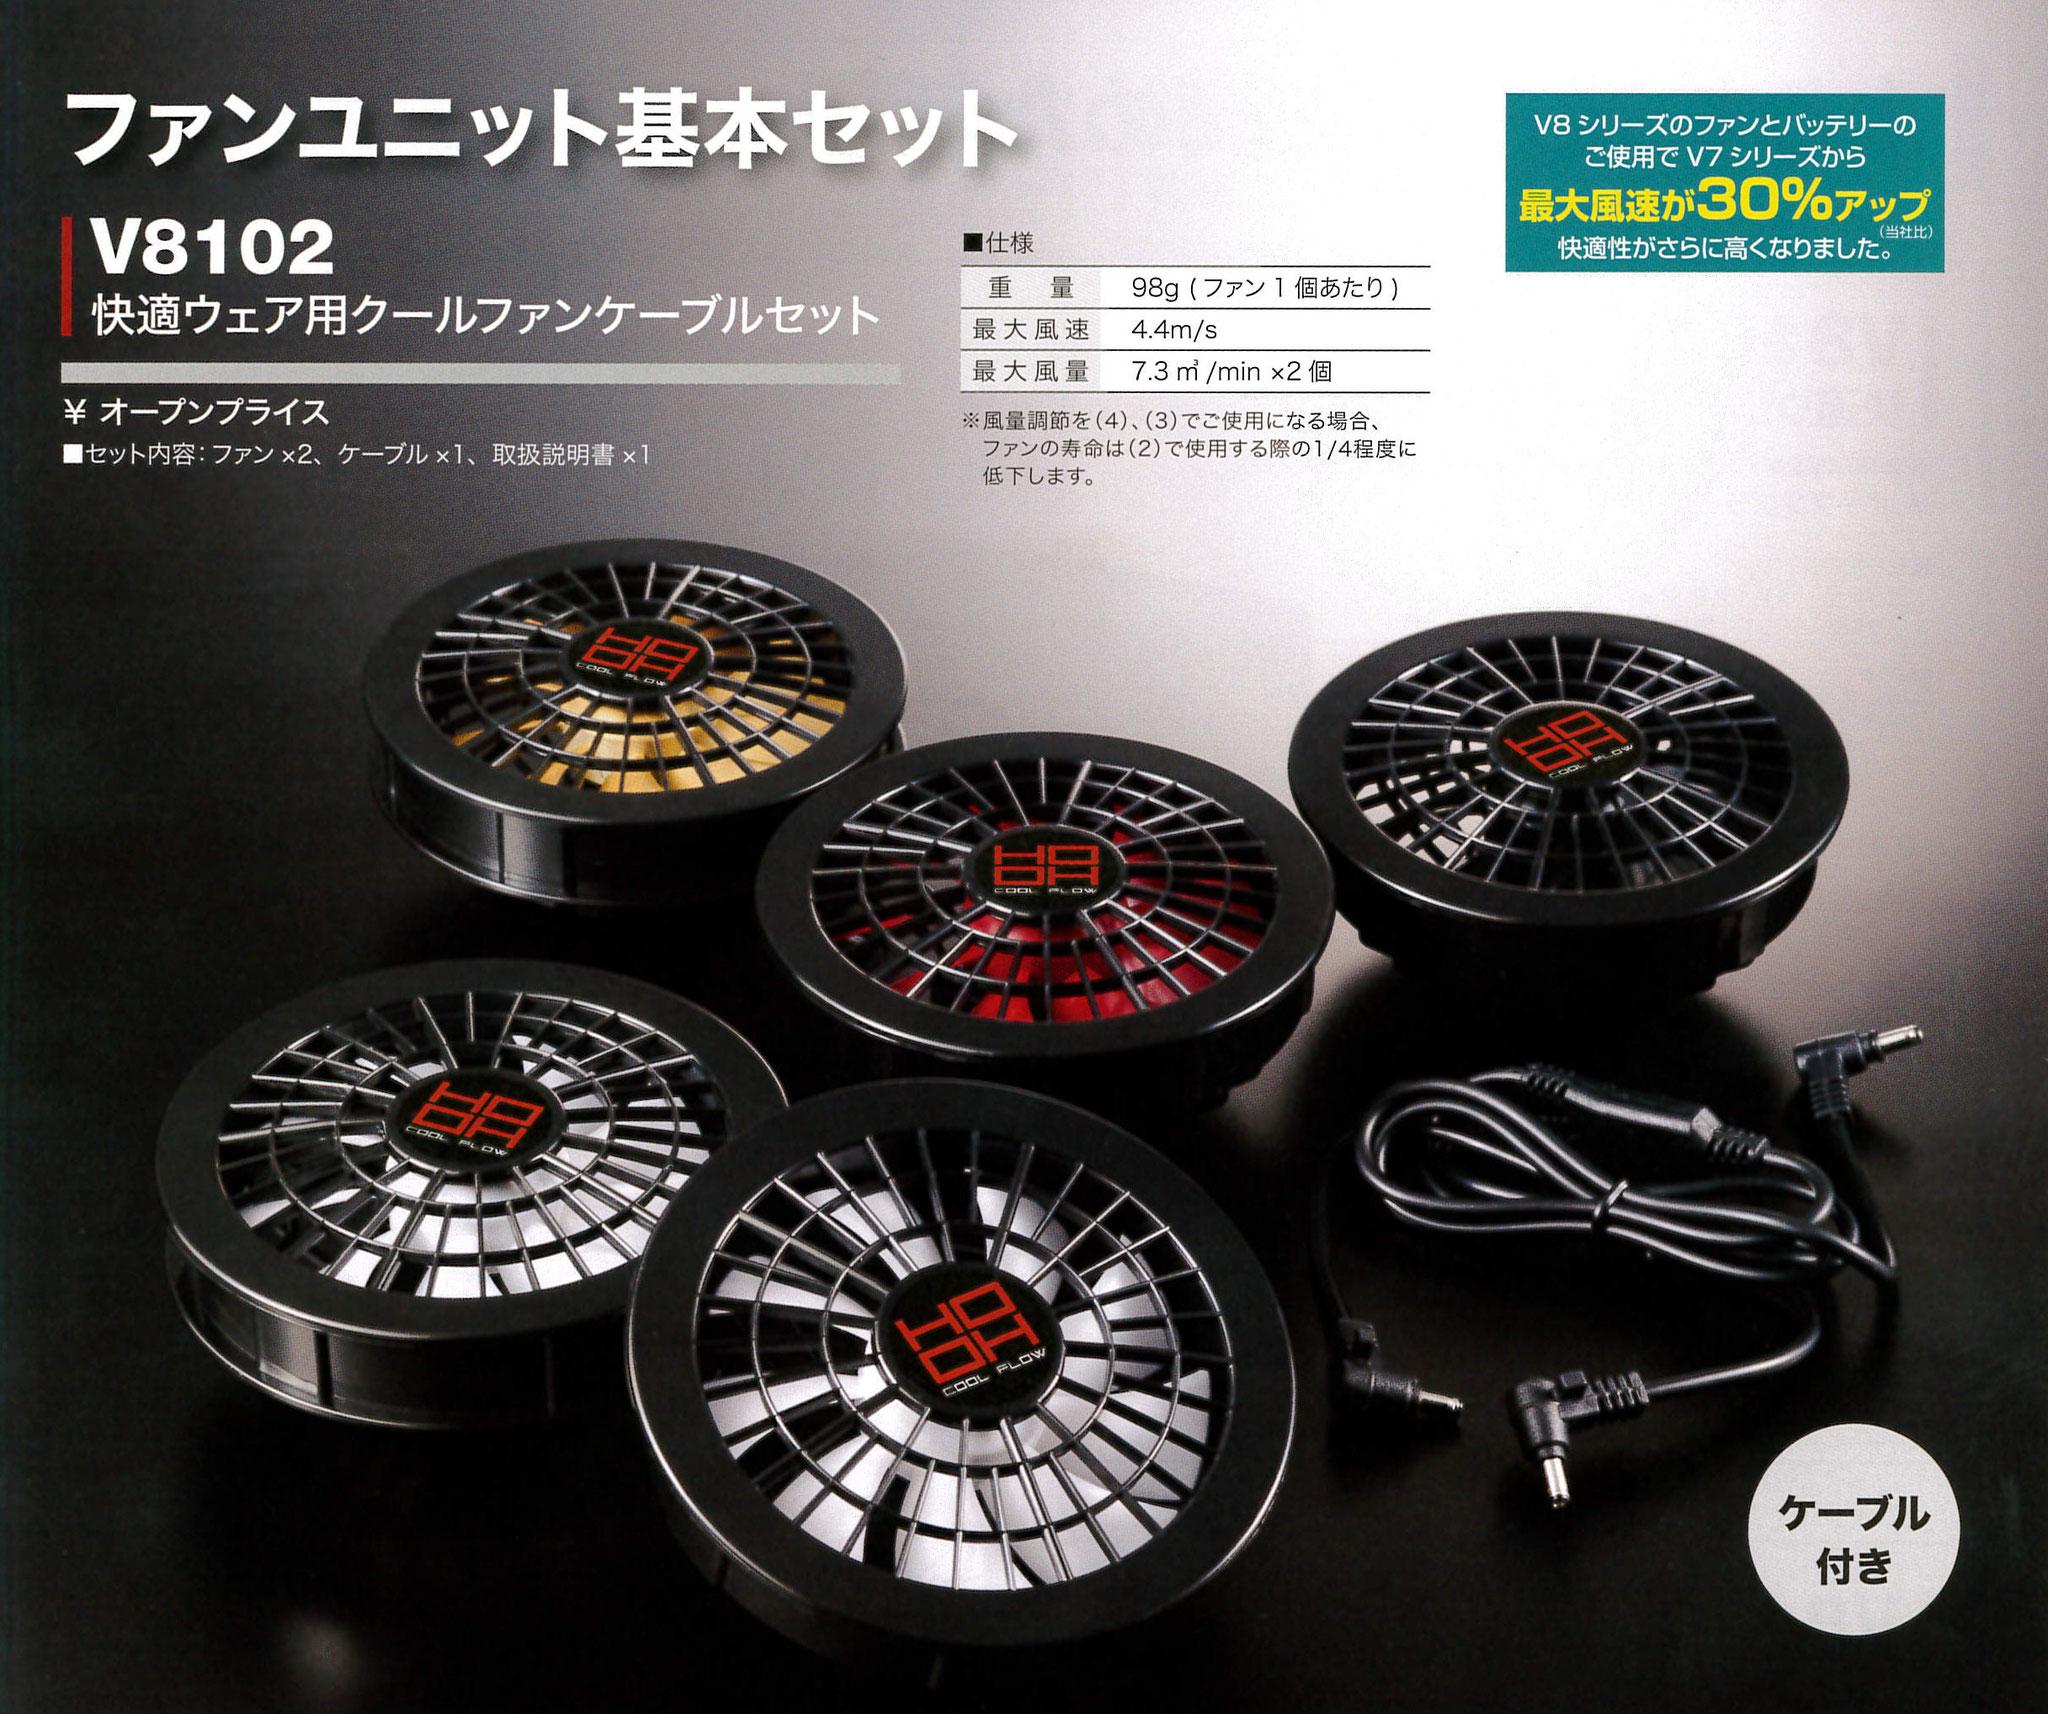 V1302 クールファンケーブルセット ¥5,940(税込)